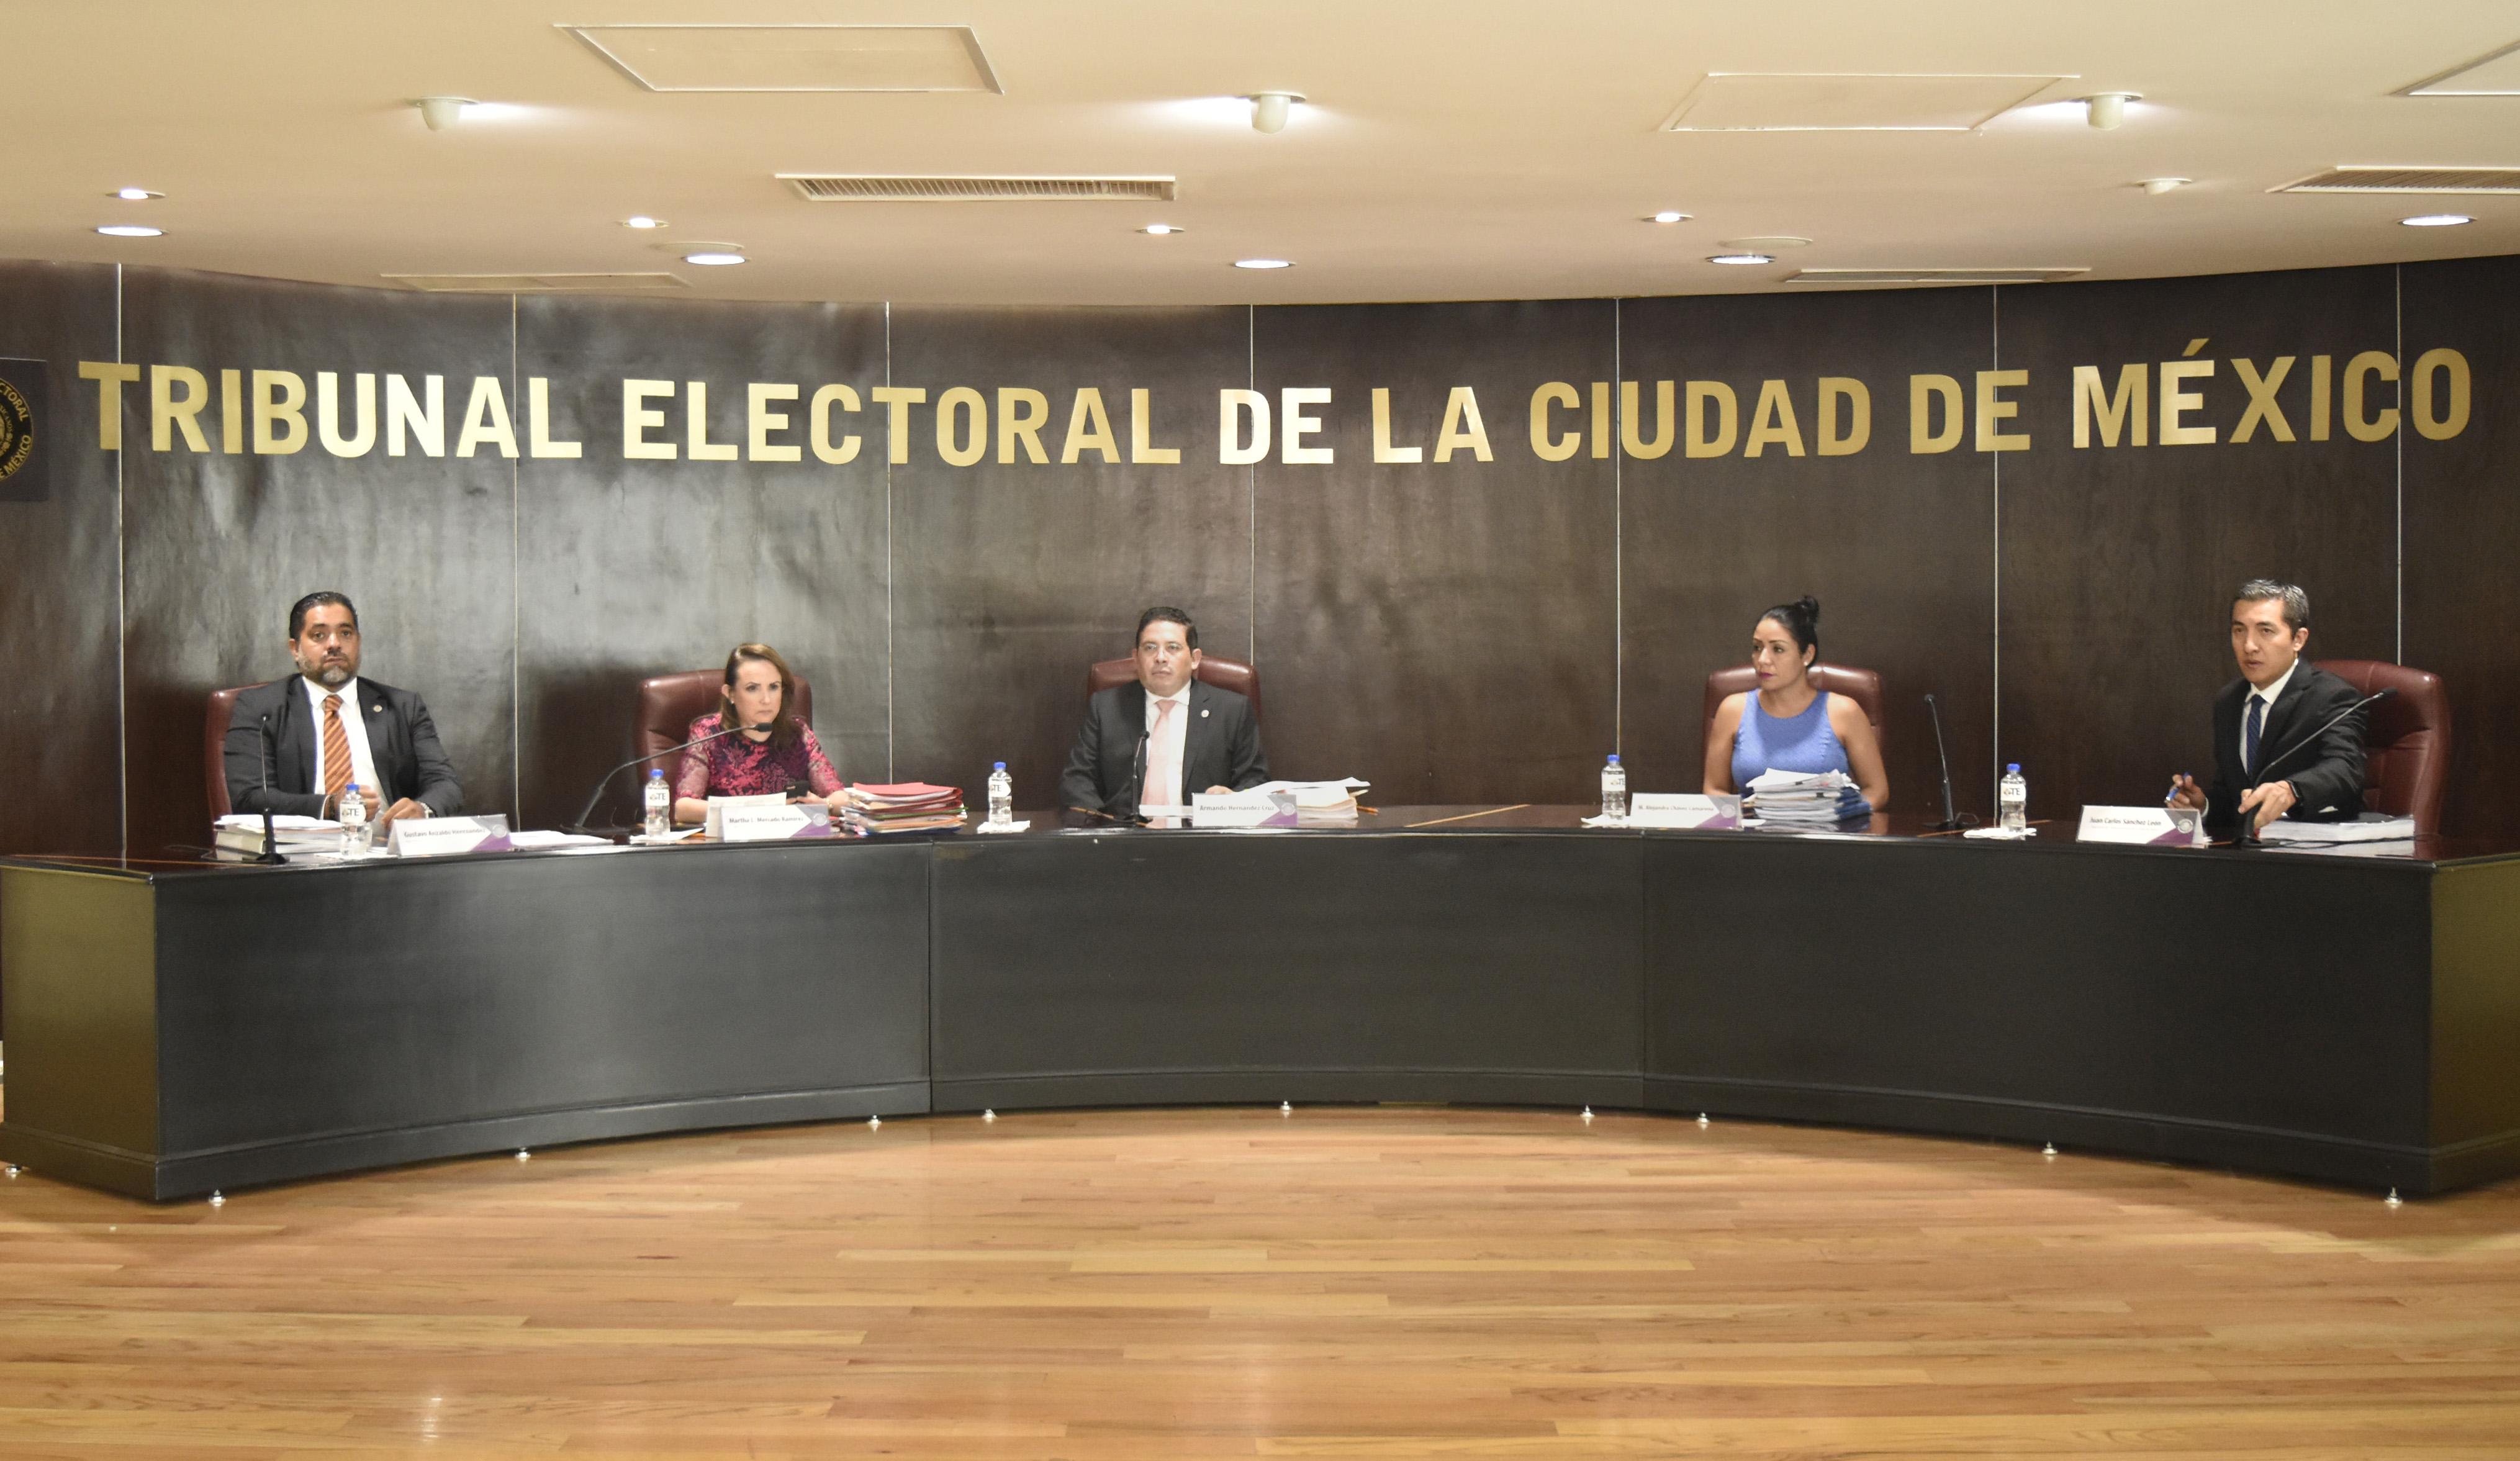 Declara TECDMX que Leonel Luna y Noria Arias no son responsables de contravenir la normativa electoral